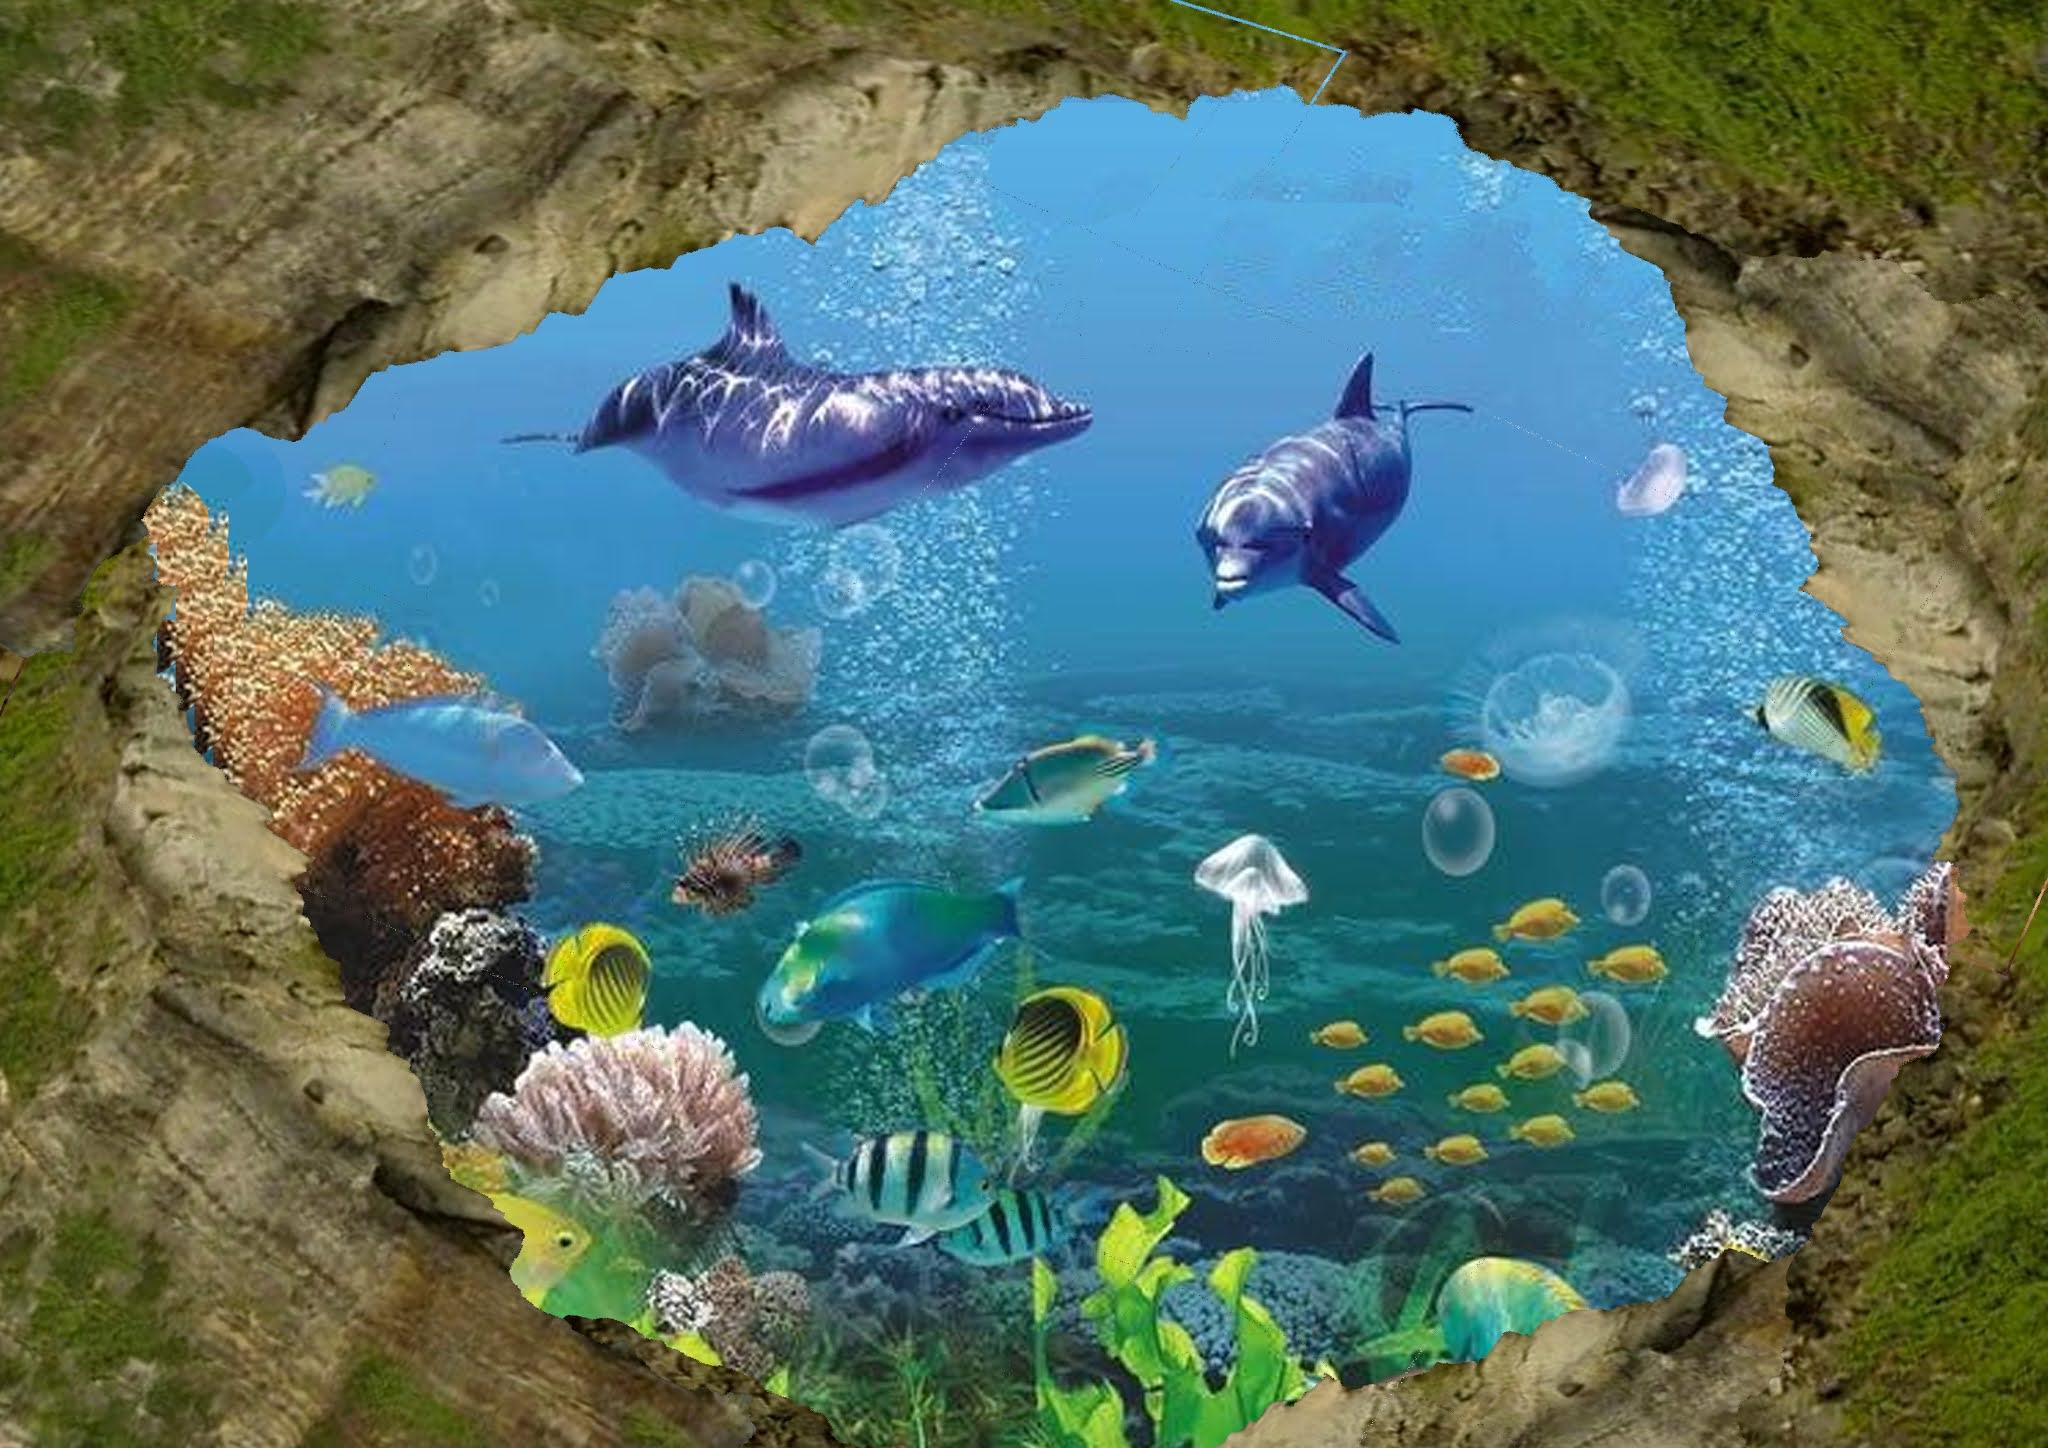 Contoh Lukisan Mural Bawah Laut Sederhana